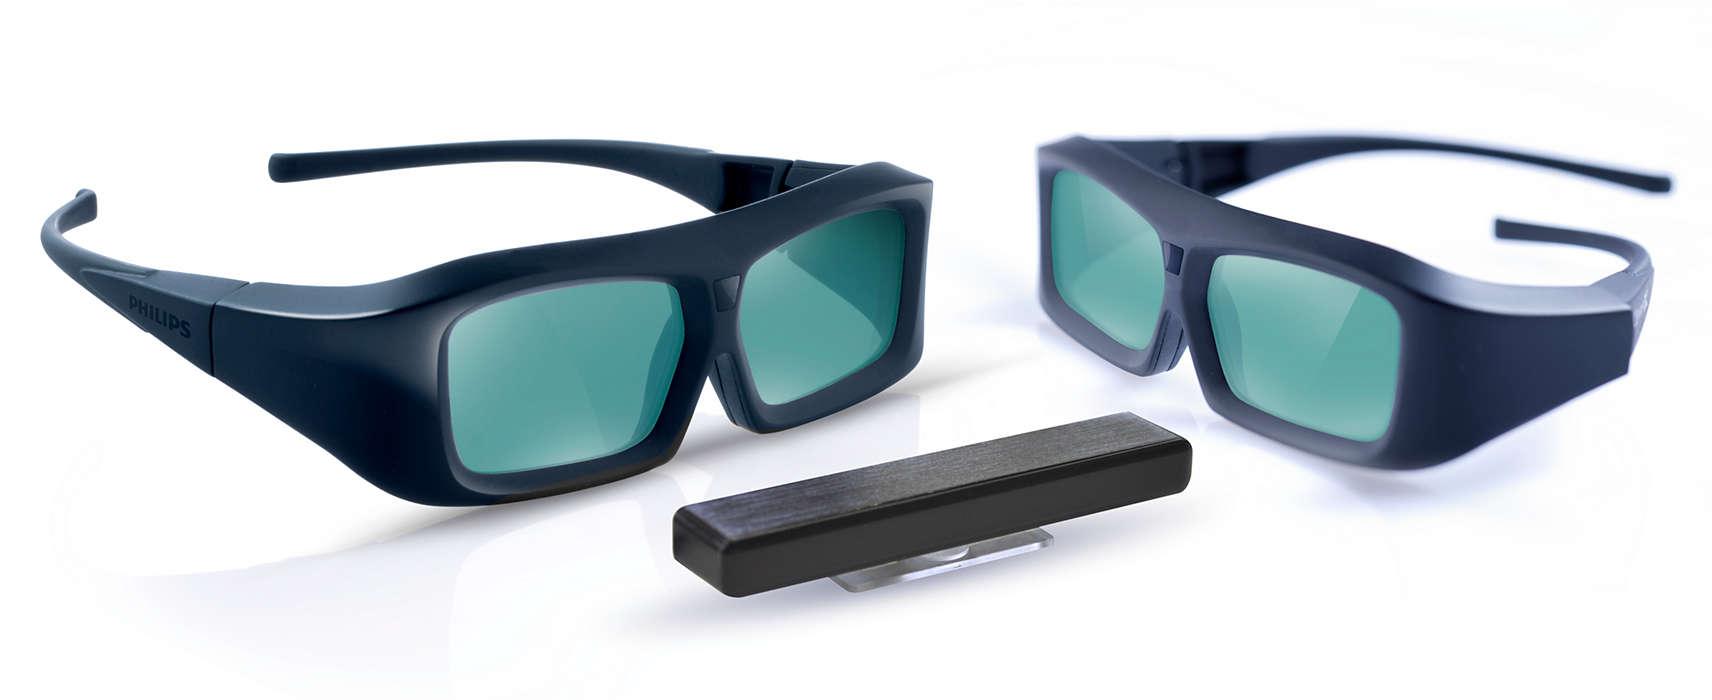 Oglądaj obraz 3D w swoim telewizorze Philips